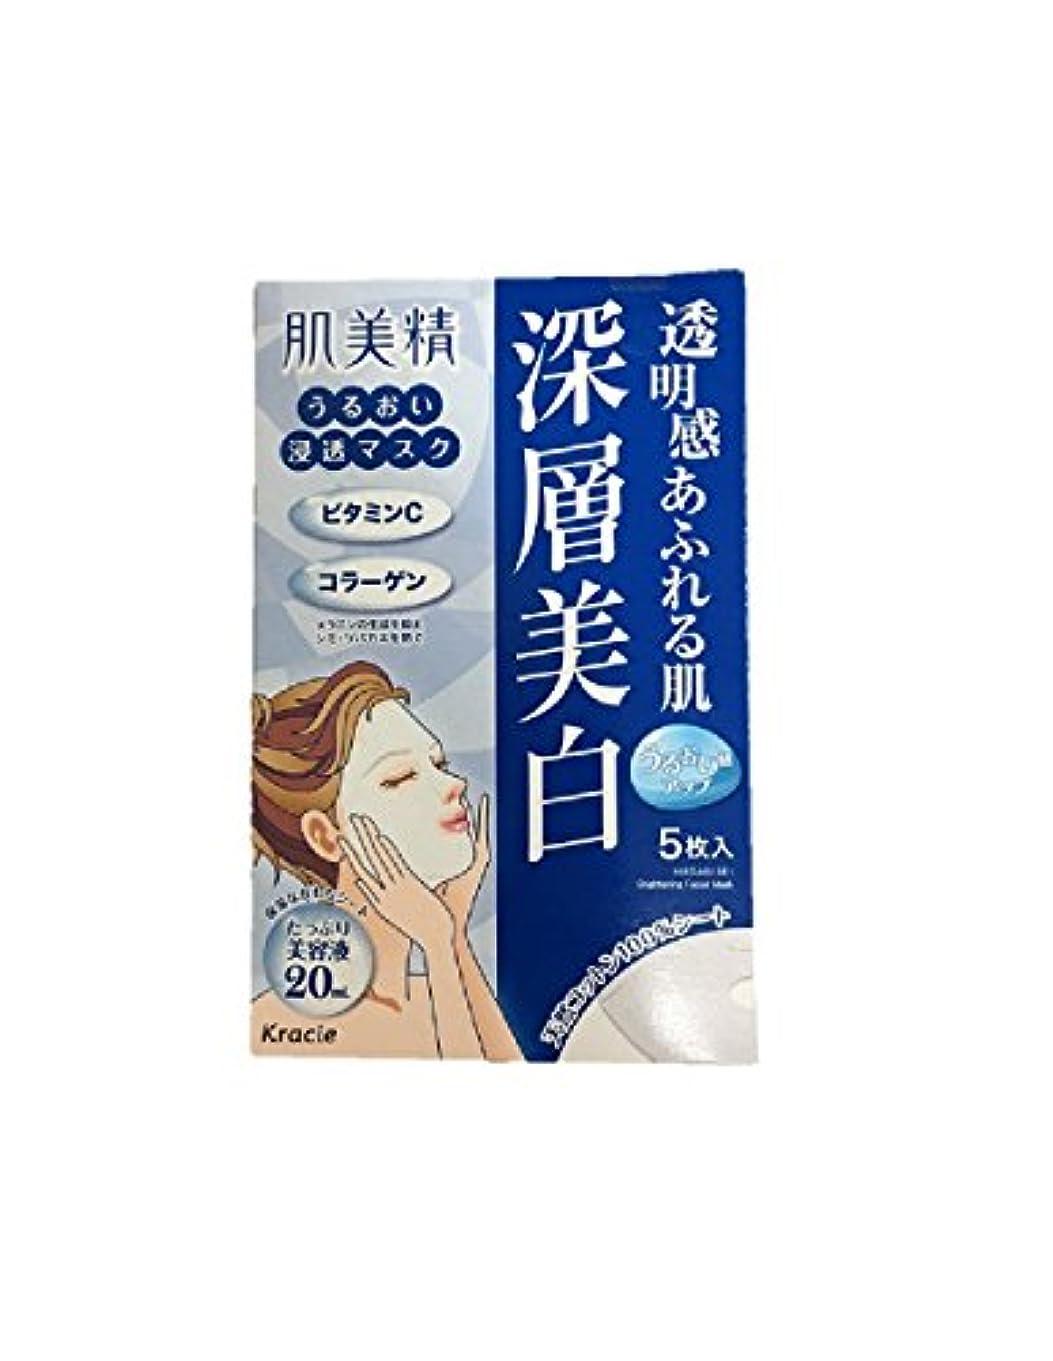 下位進化するピース【セット】 クラシエホームプロダクツ 肌美精 うるおい浸透マスク (深層美白) 5枚入 (美容液20mL/1枚) 5個セット